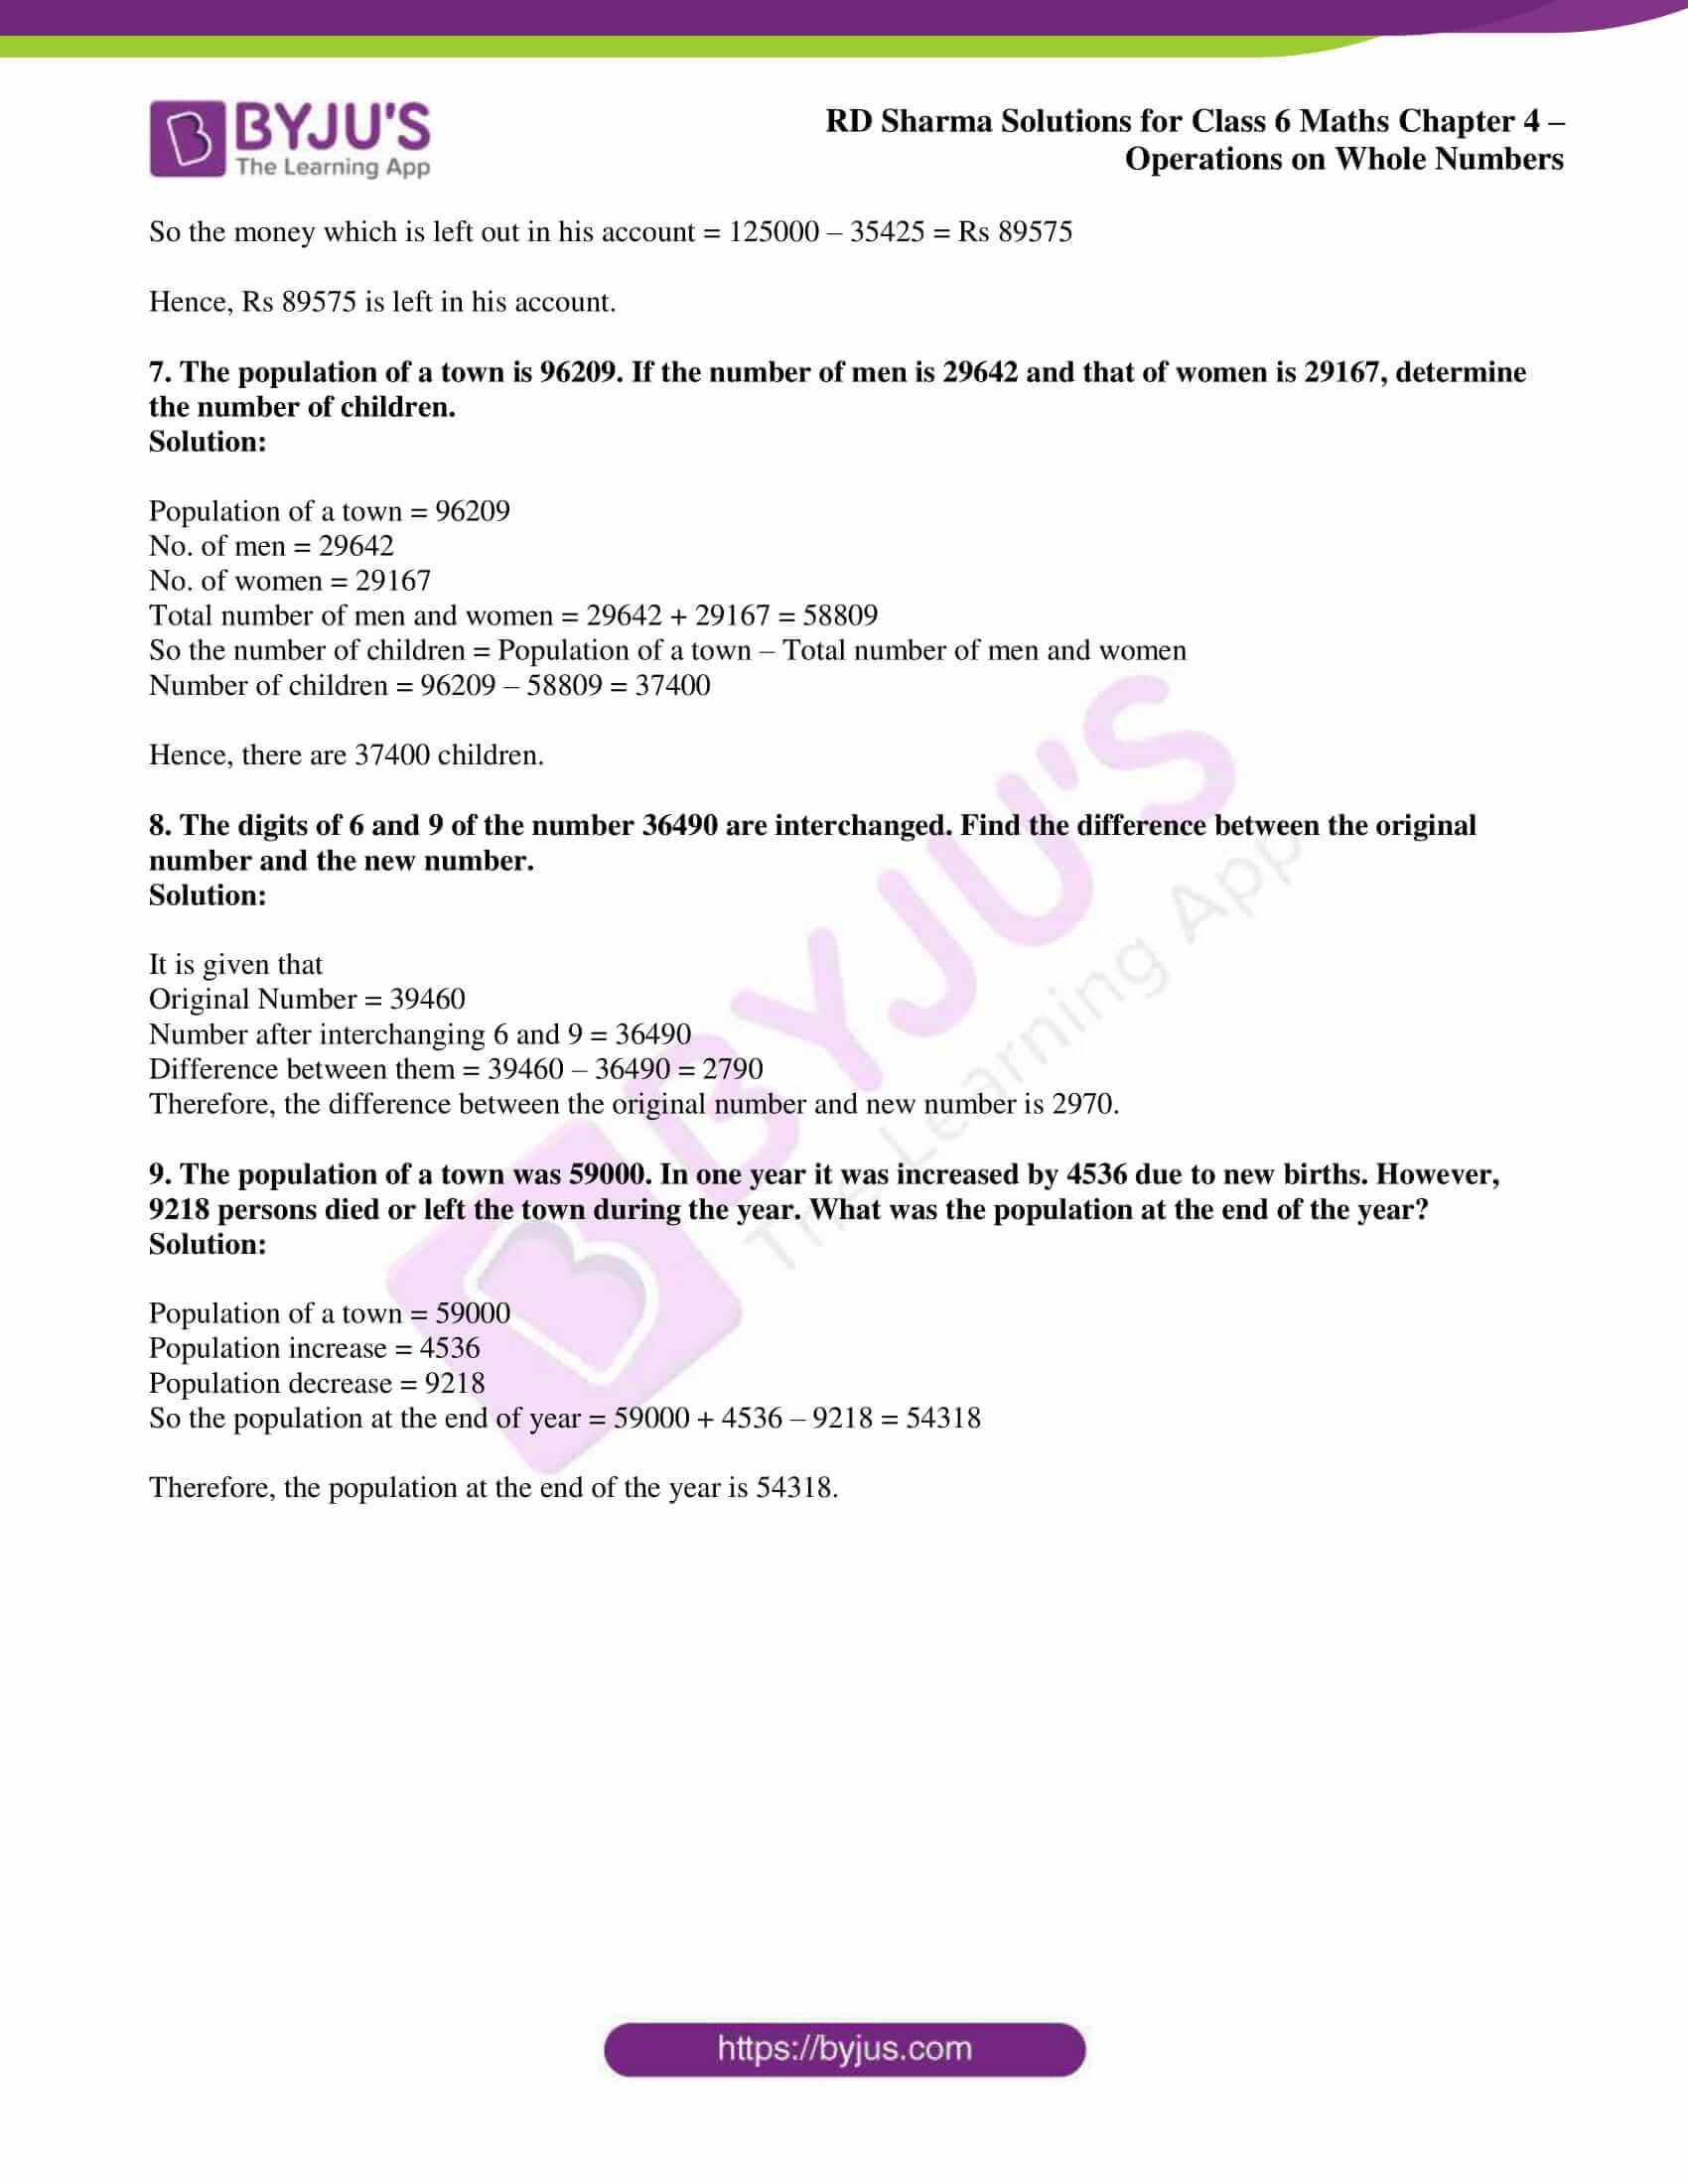 rd sharma class 6 maths solutions chapter 4 ex 2 6